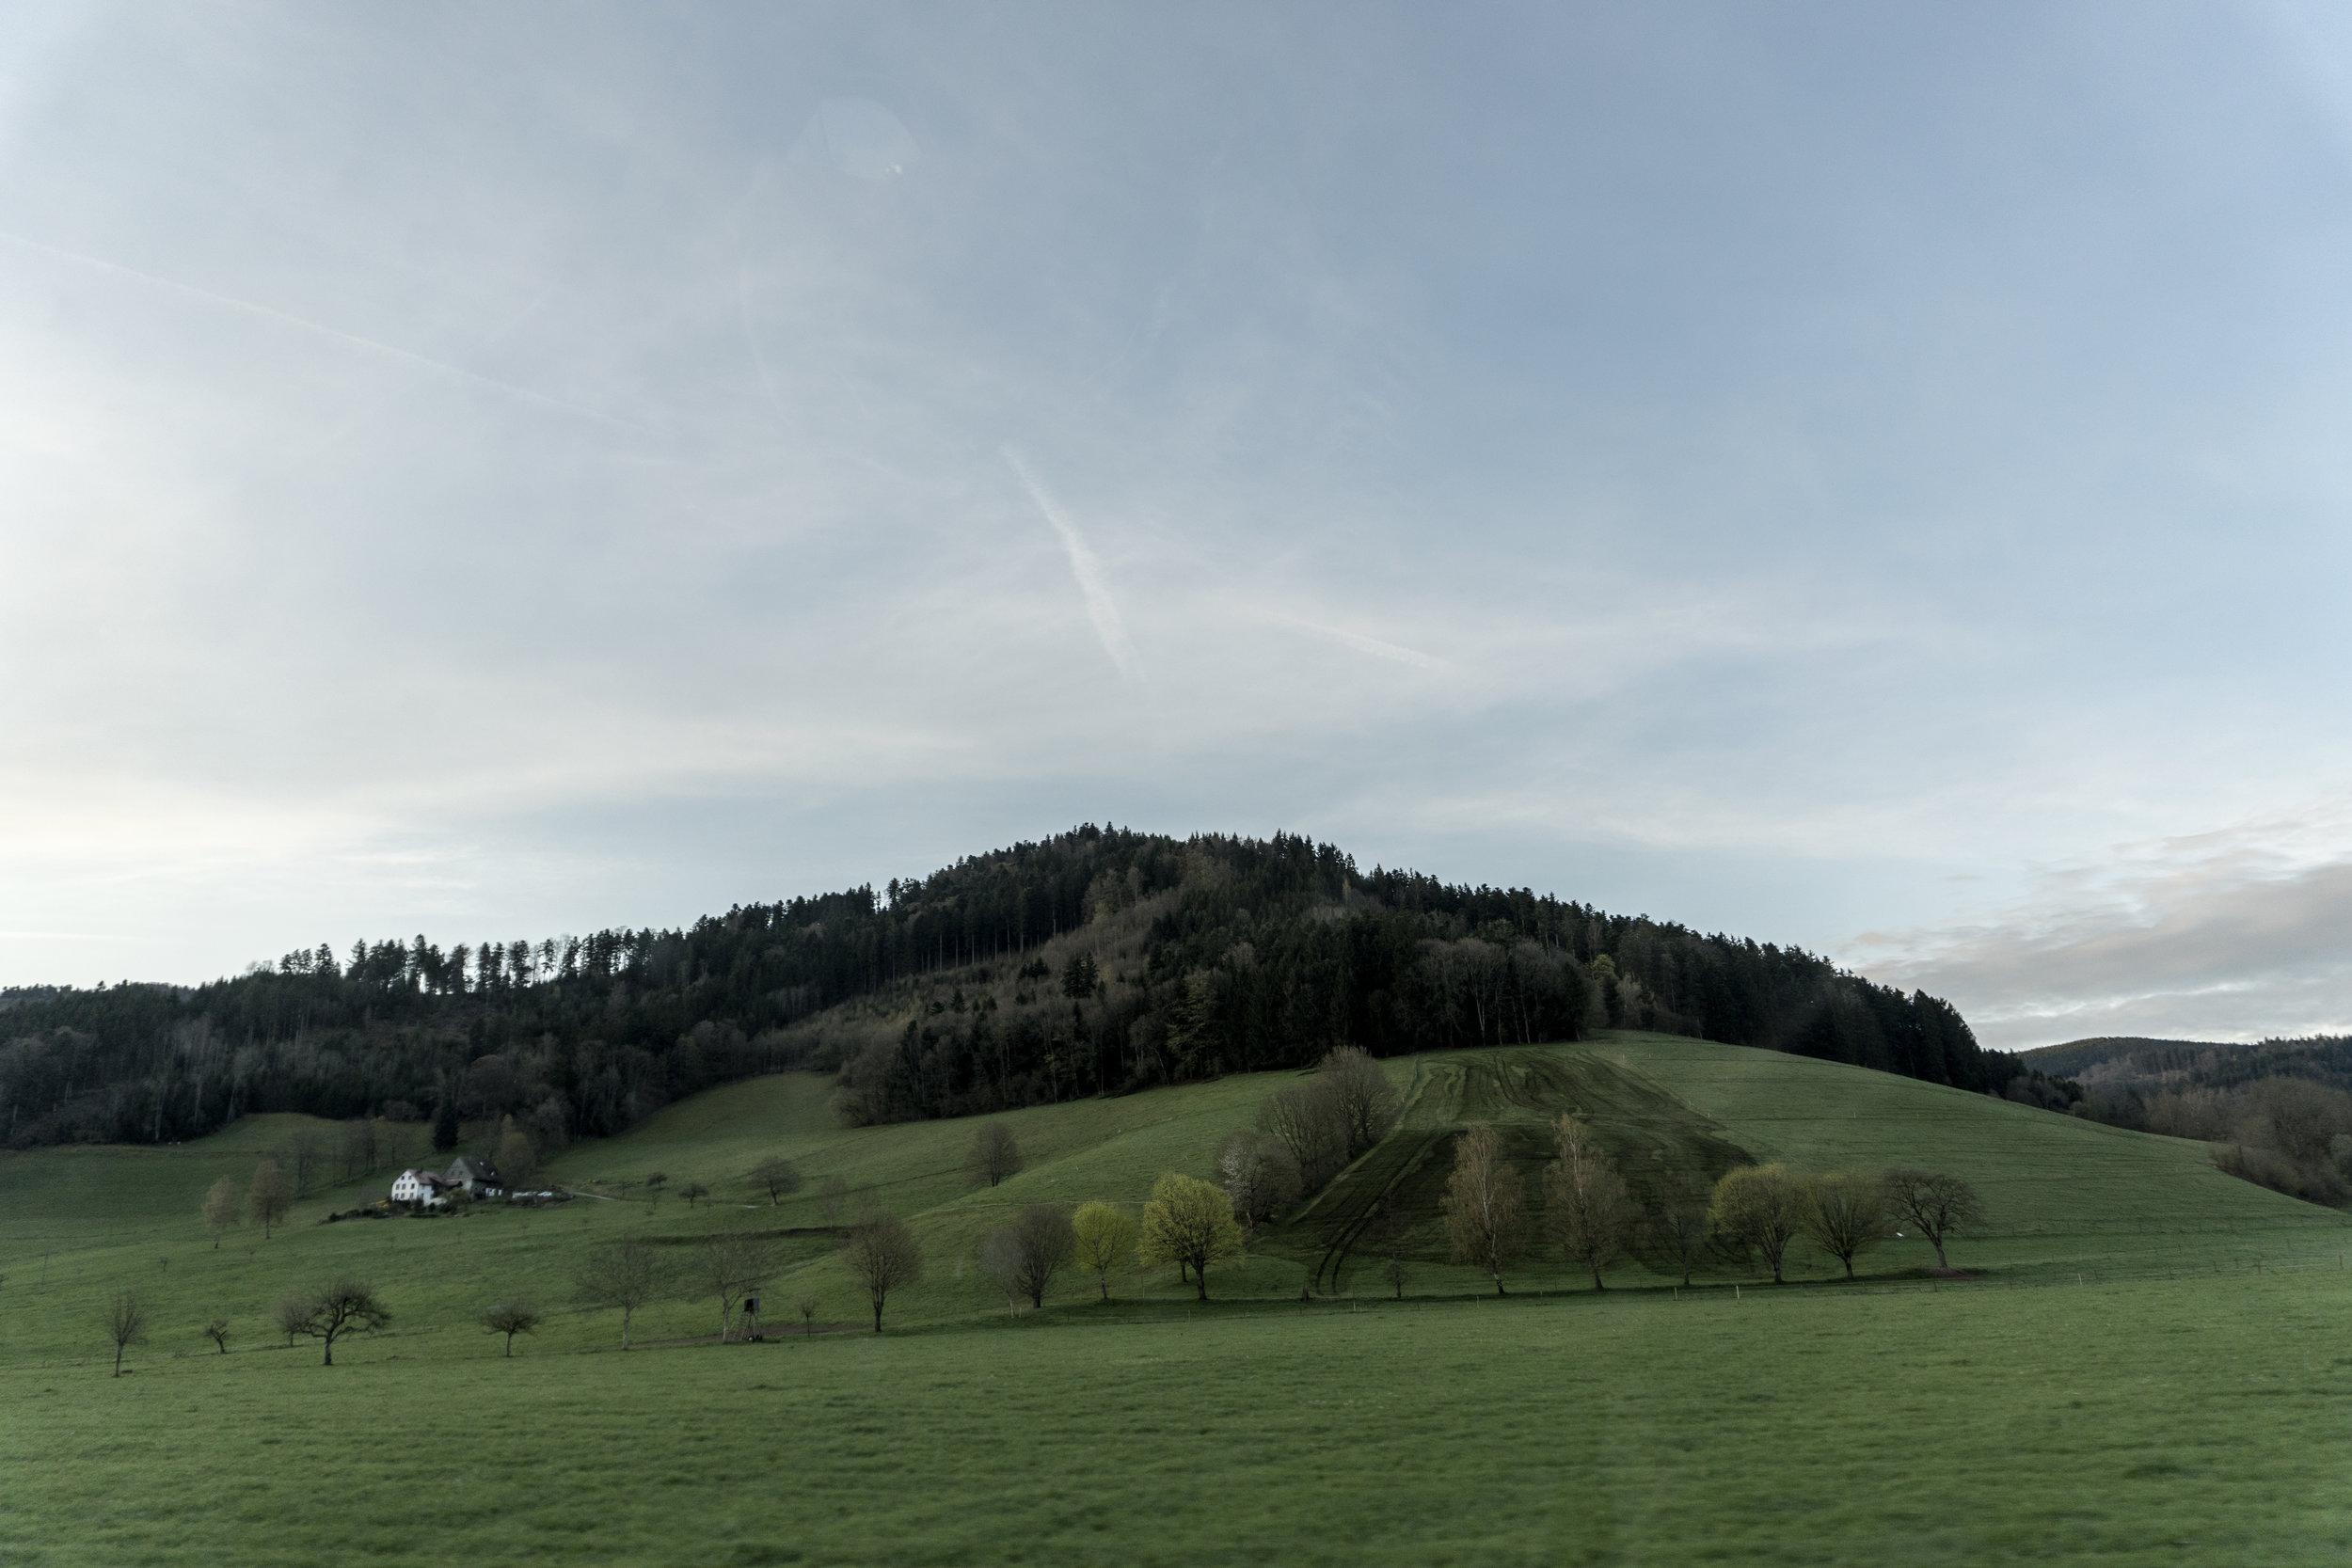 Collines douces, prés et vergers, soulignés de sapins sombres, sentinelles postées en avant-garde aux marches de la Forêt Noire.